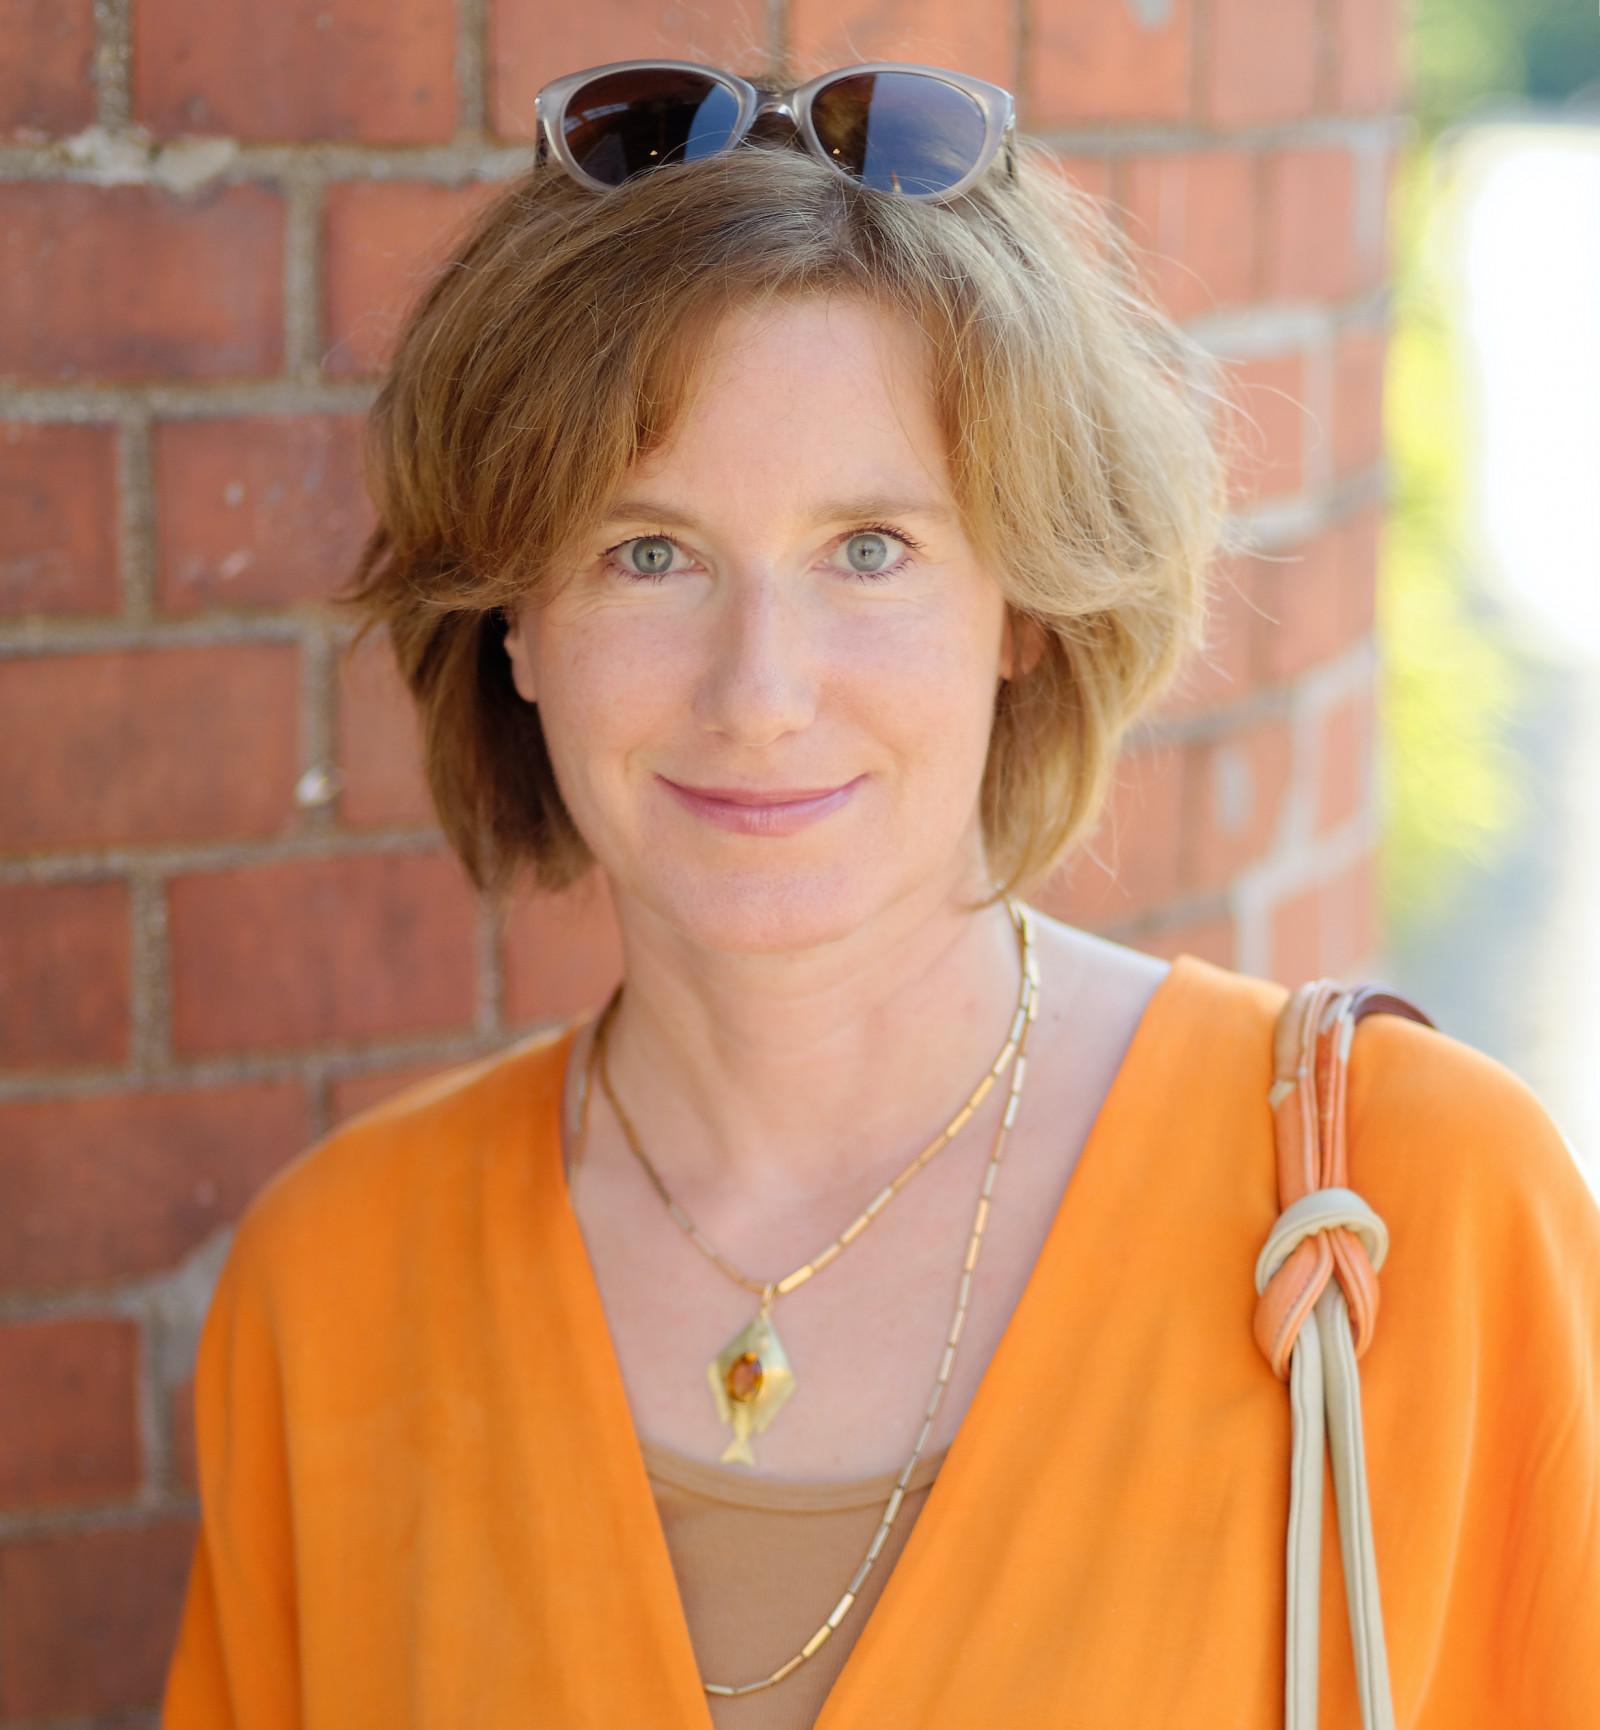 Stilberaterin Silke Gerloff von The Personal Look